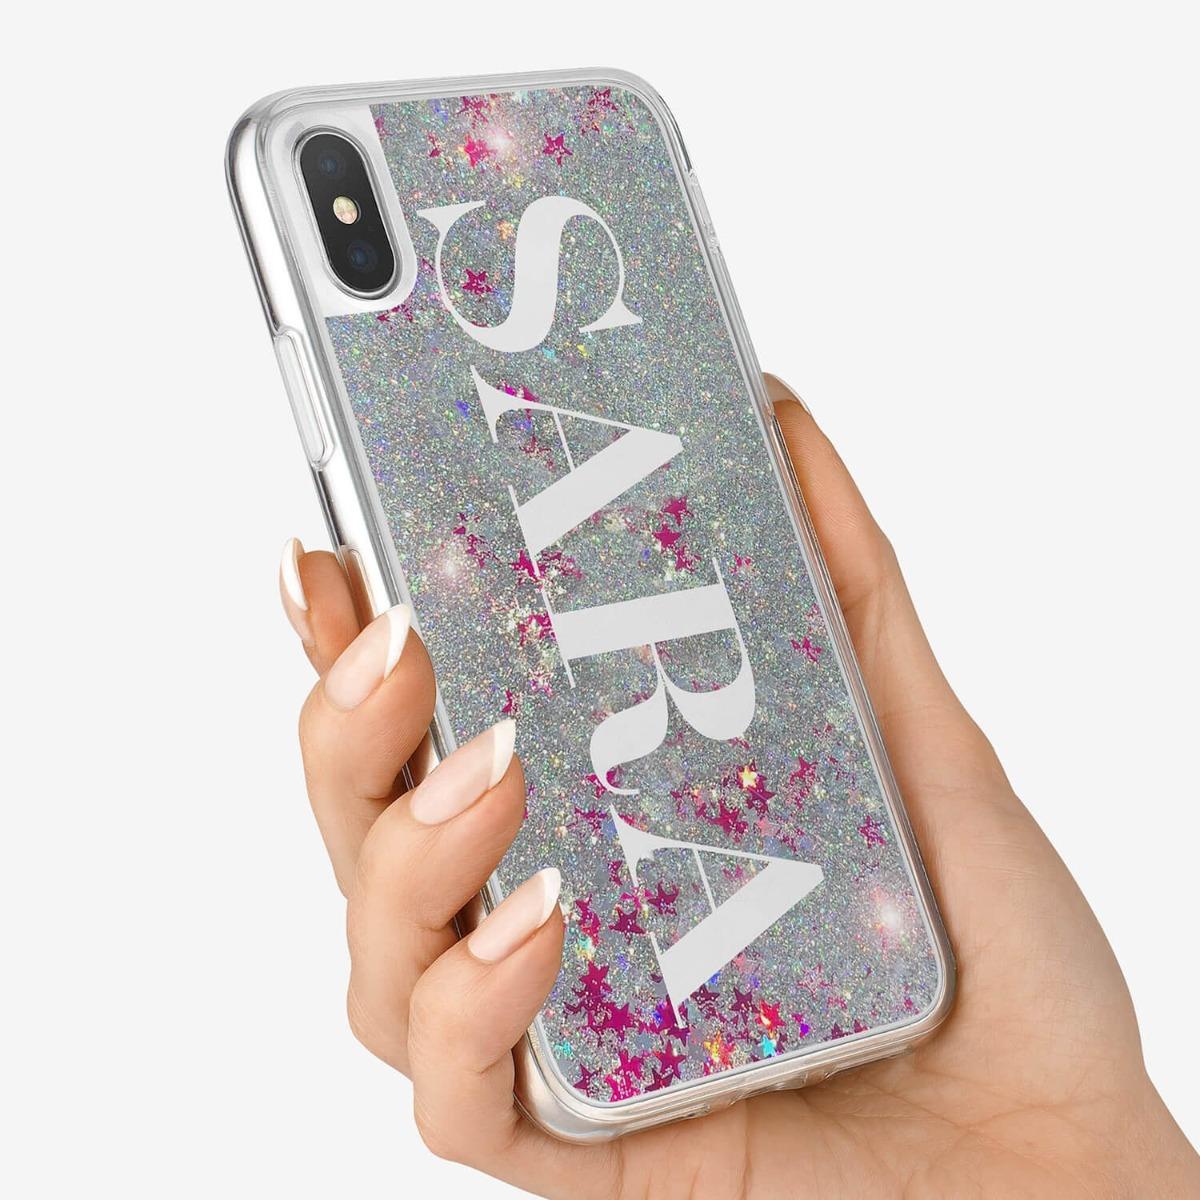 iPhone 8 Plus Glitter Case 16215